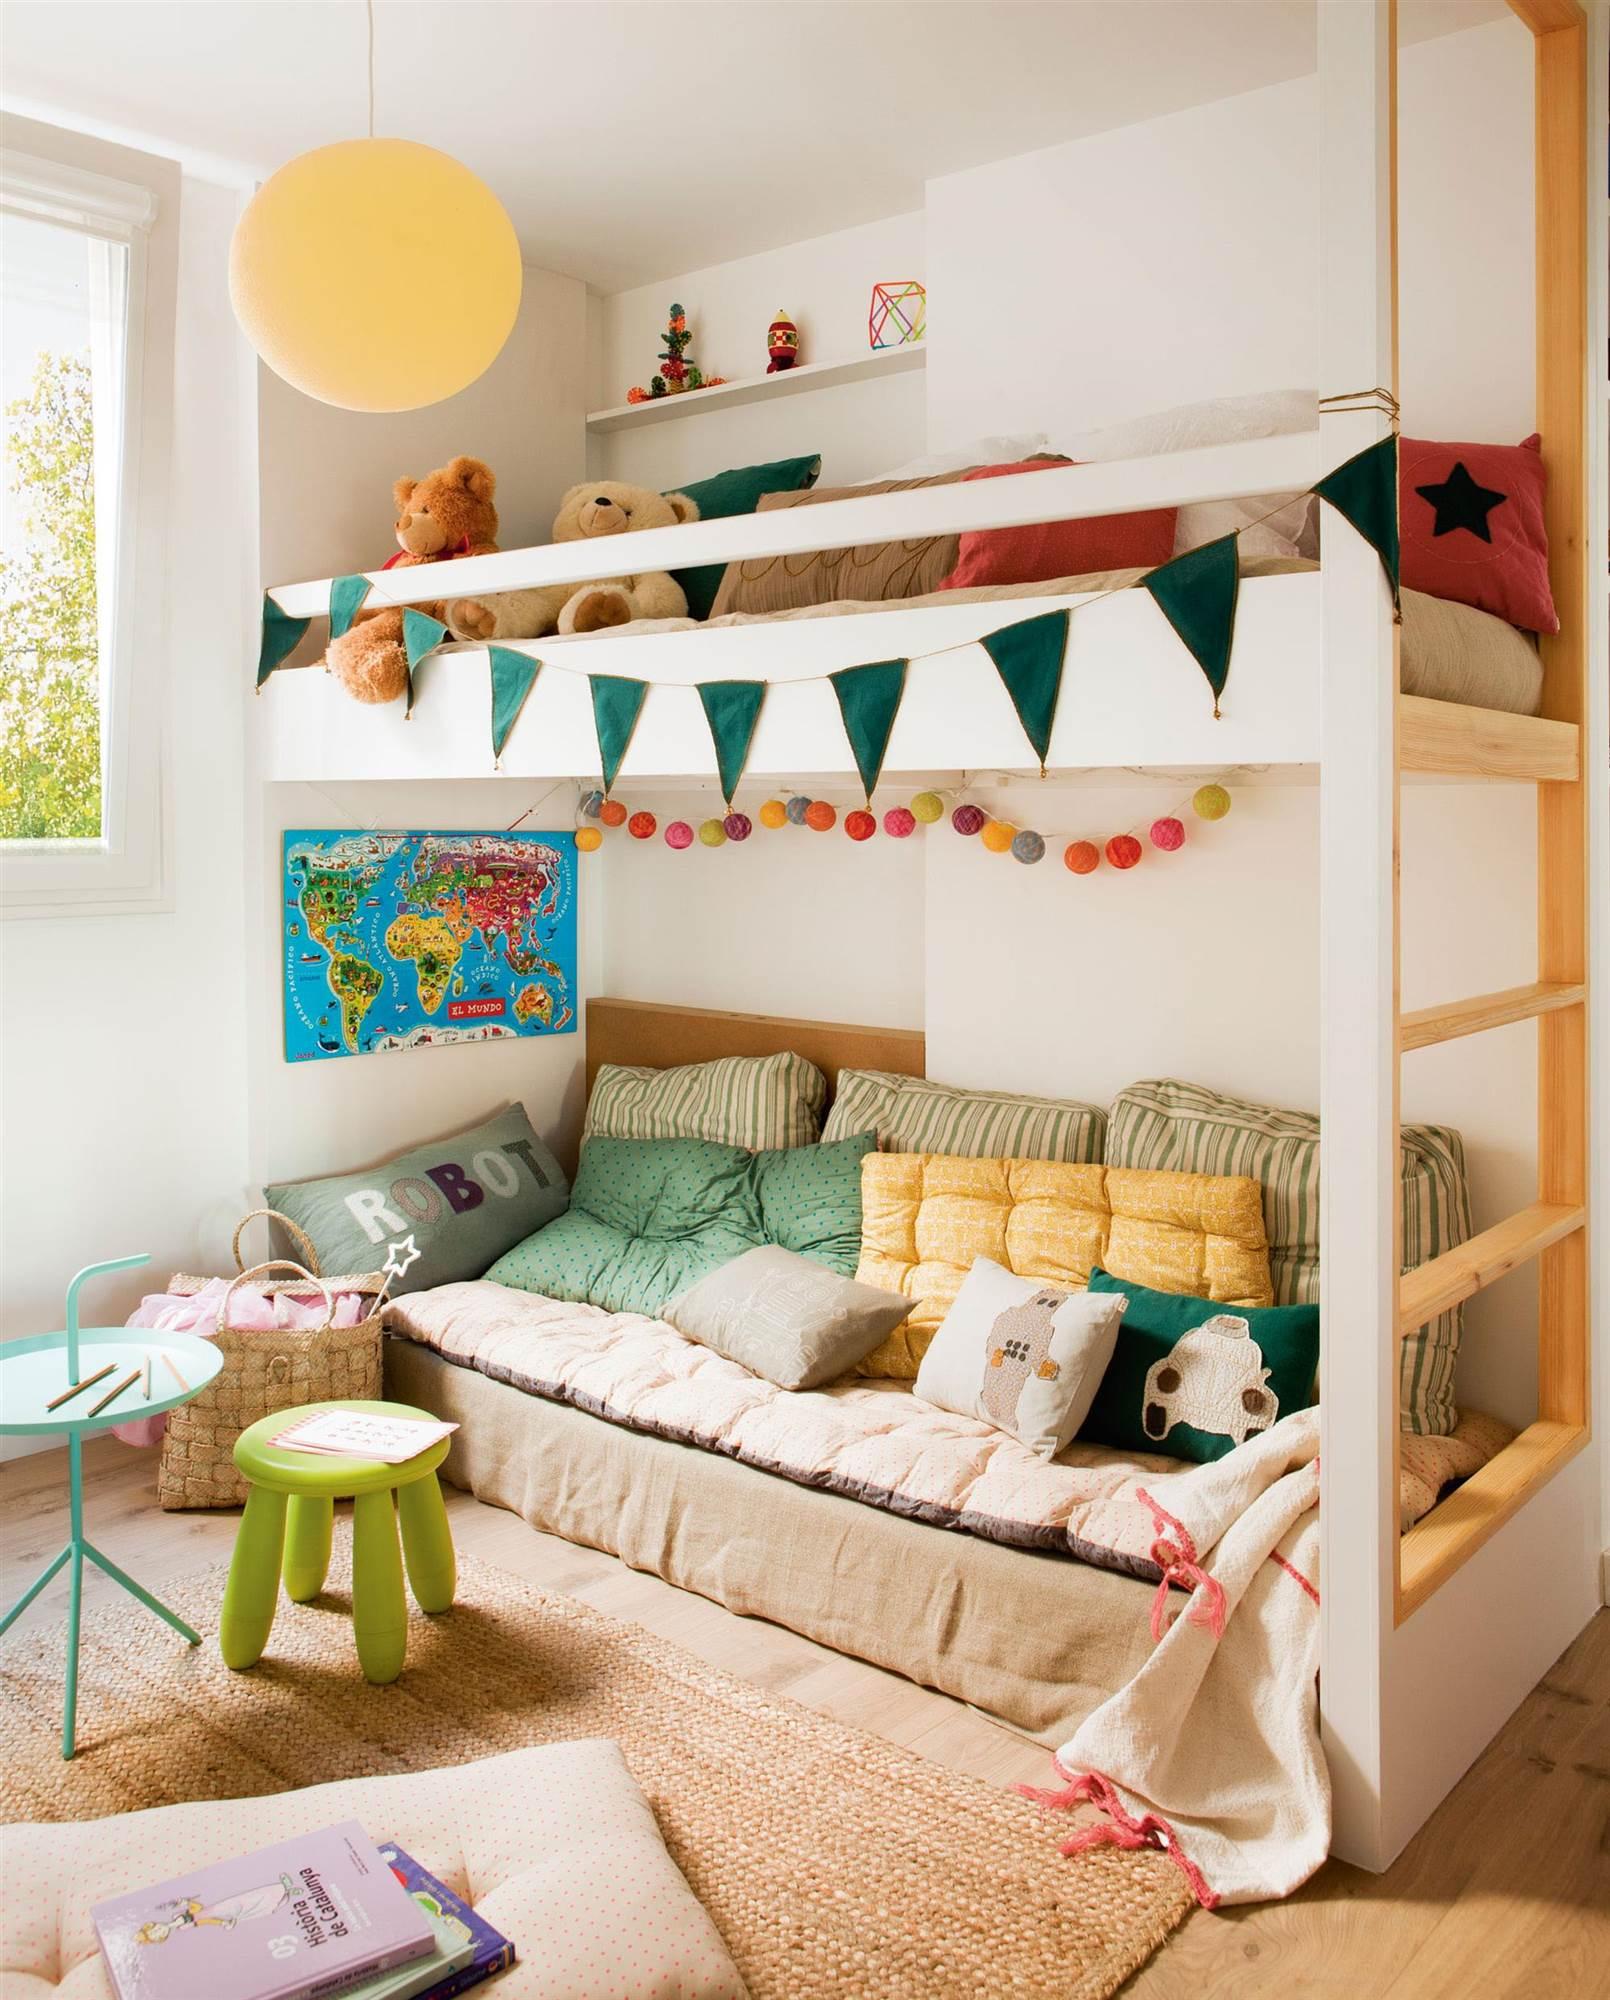 C mo amueblar la habitaci n infantil for Juego de dormitorio infantil